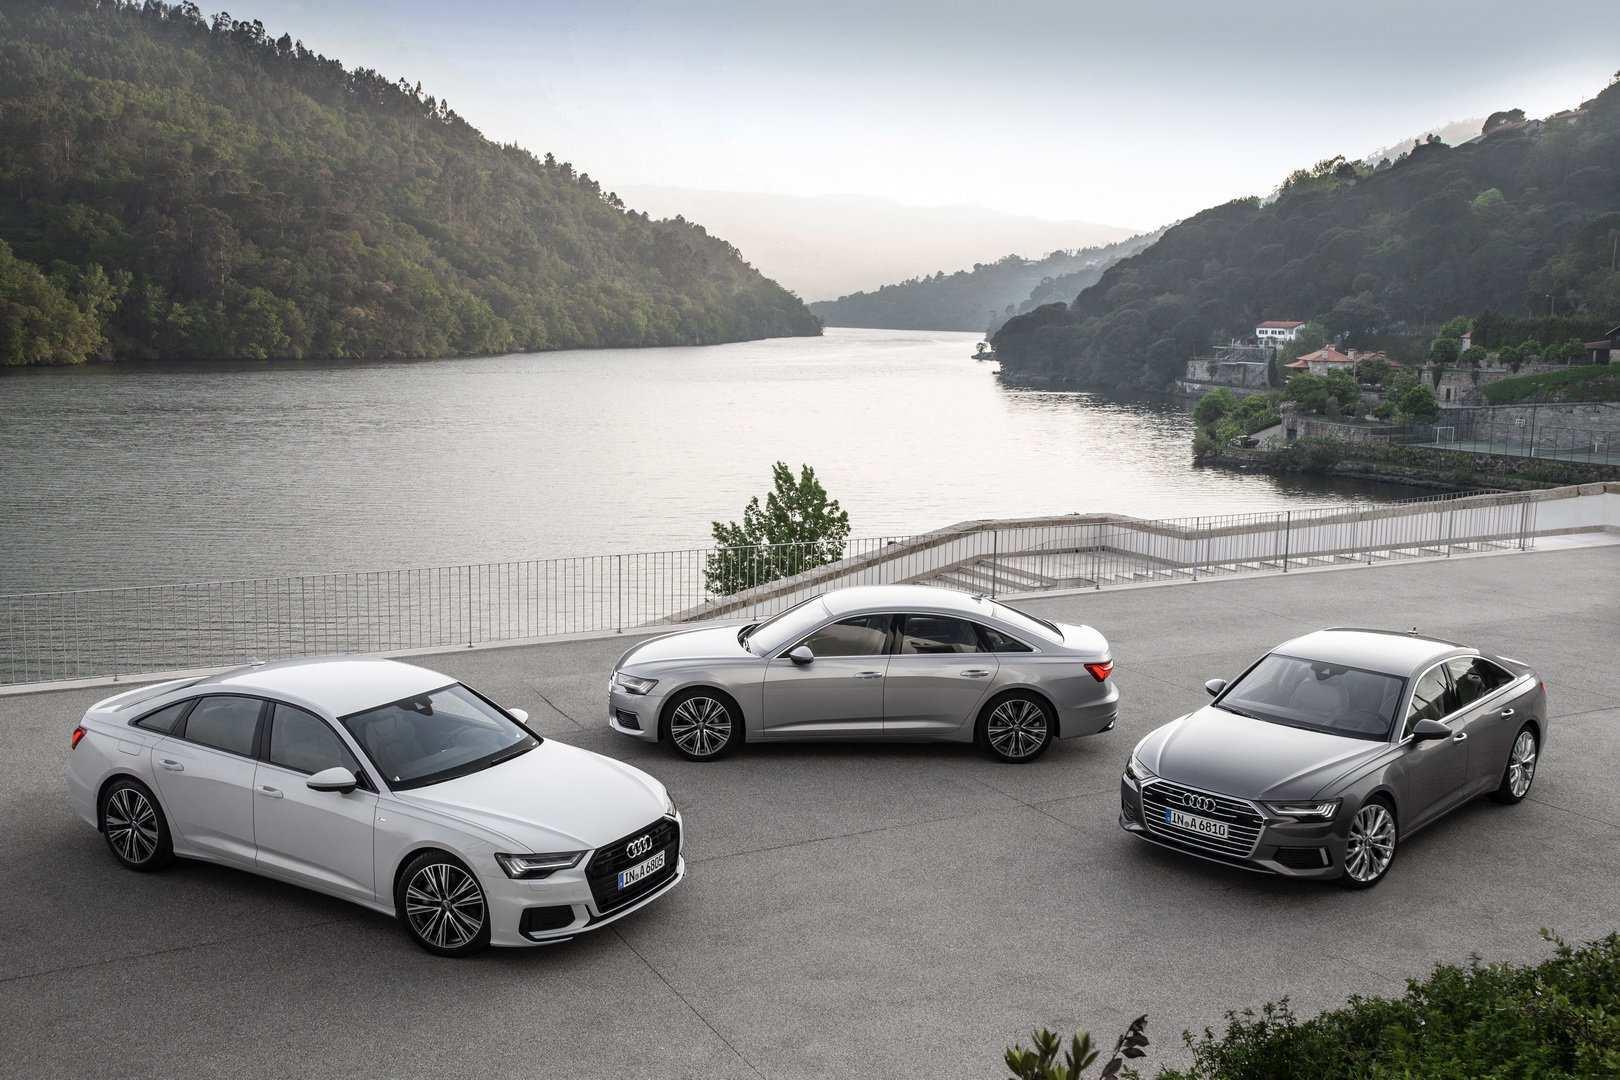 86 Gallery of 2019 Audi Tdi Model for 2019 Audi Tdi